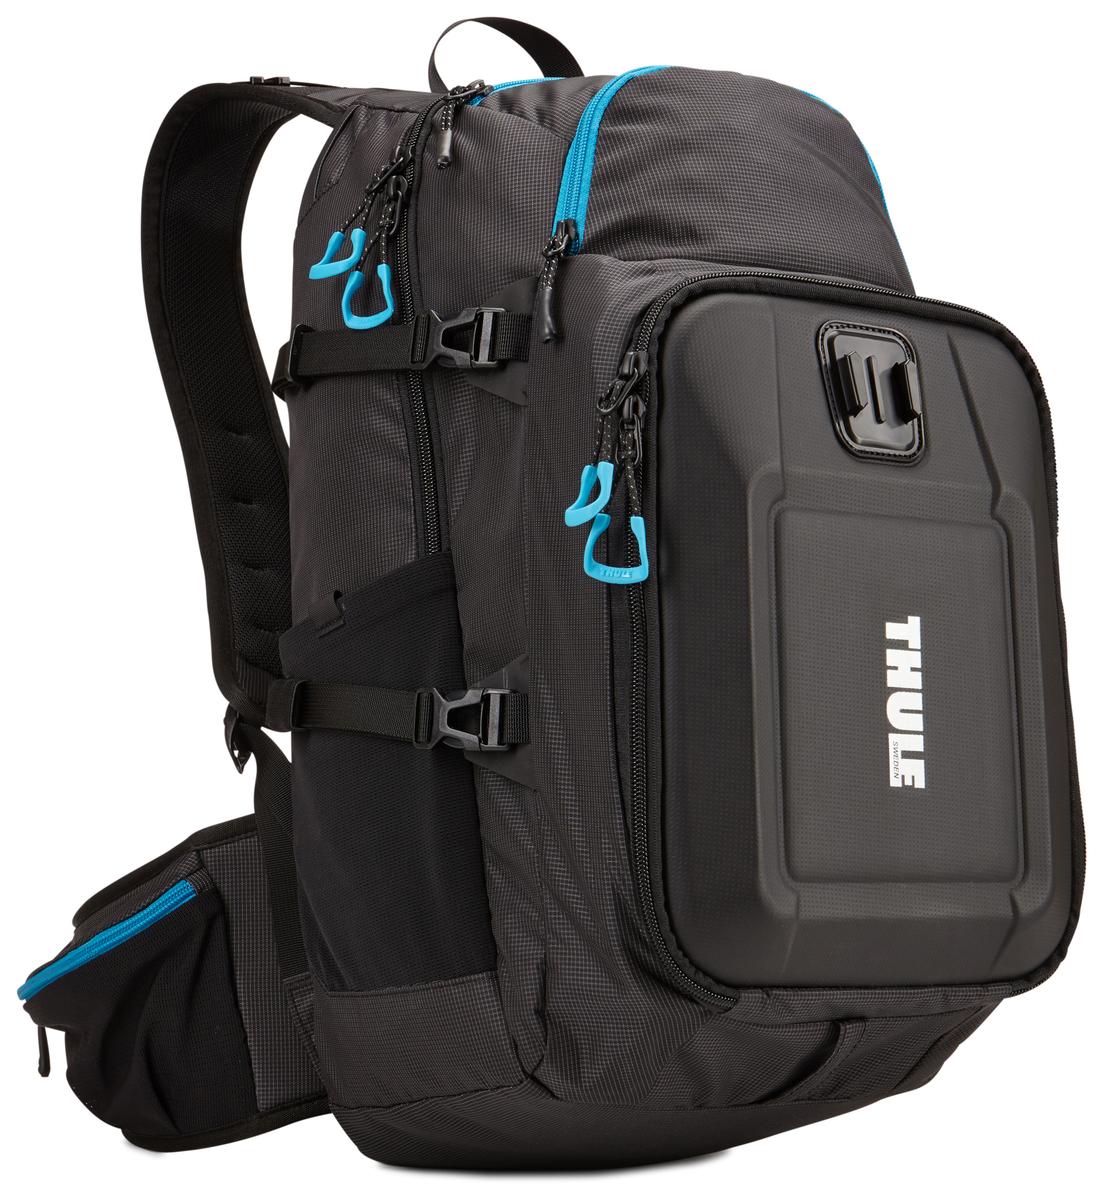 Рюкзак для экшн-камеры Thule Legend GoPro Backpack, цвет: черный, 36 x 16.5 x 49.5 смГризлиТонкий рюкзак для камеры GoPro со встроенными креплениями позволит запечатлеть ваше путешествие с различных ракурсов. Ударопрочный отсек с мягкой подкладкой позволяет хранить до трех камер GoPro, LCD Touch BacPac, пульт дистанционного управления, запасные аккумуляторы и SD-карты. Съемная подкладка из прессованной пены облегчает очистку внутренней поверхности от пыли, грязи, песка и пр. Встроенные крепления позволяют установить две камеры GoPro и вести съемку с нескольких ракурсов. В жестком кармане можно хранить зарядные устройства и кабели. Отдельный отсек для штативов и ремней. Благодаря конструкции с обтекаемой формой и малым весом сумка не мешает отдыху. Специальное отделение для бутылки с водой (бутылка в комплект не входит). Большие язычки на молниях обеспечивают удобство доступа даже в том случае, если на вас надеты перчатки. Поясной и нагрудный ремни обеспечивают комфорт и улучшенную фиксацию. Легкодоступные боковые карманы на поясном ремне для iPhone или многофункционального ножа.